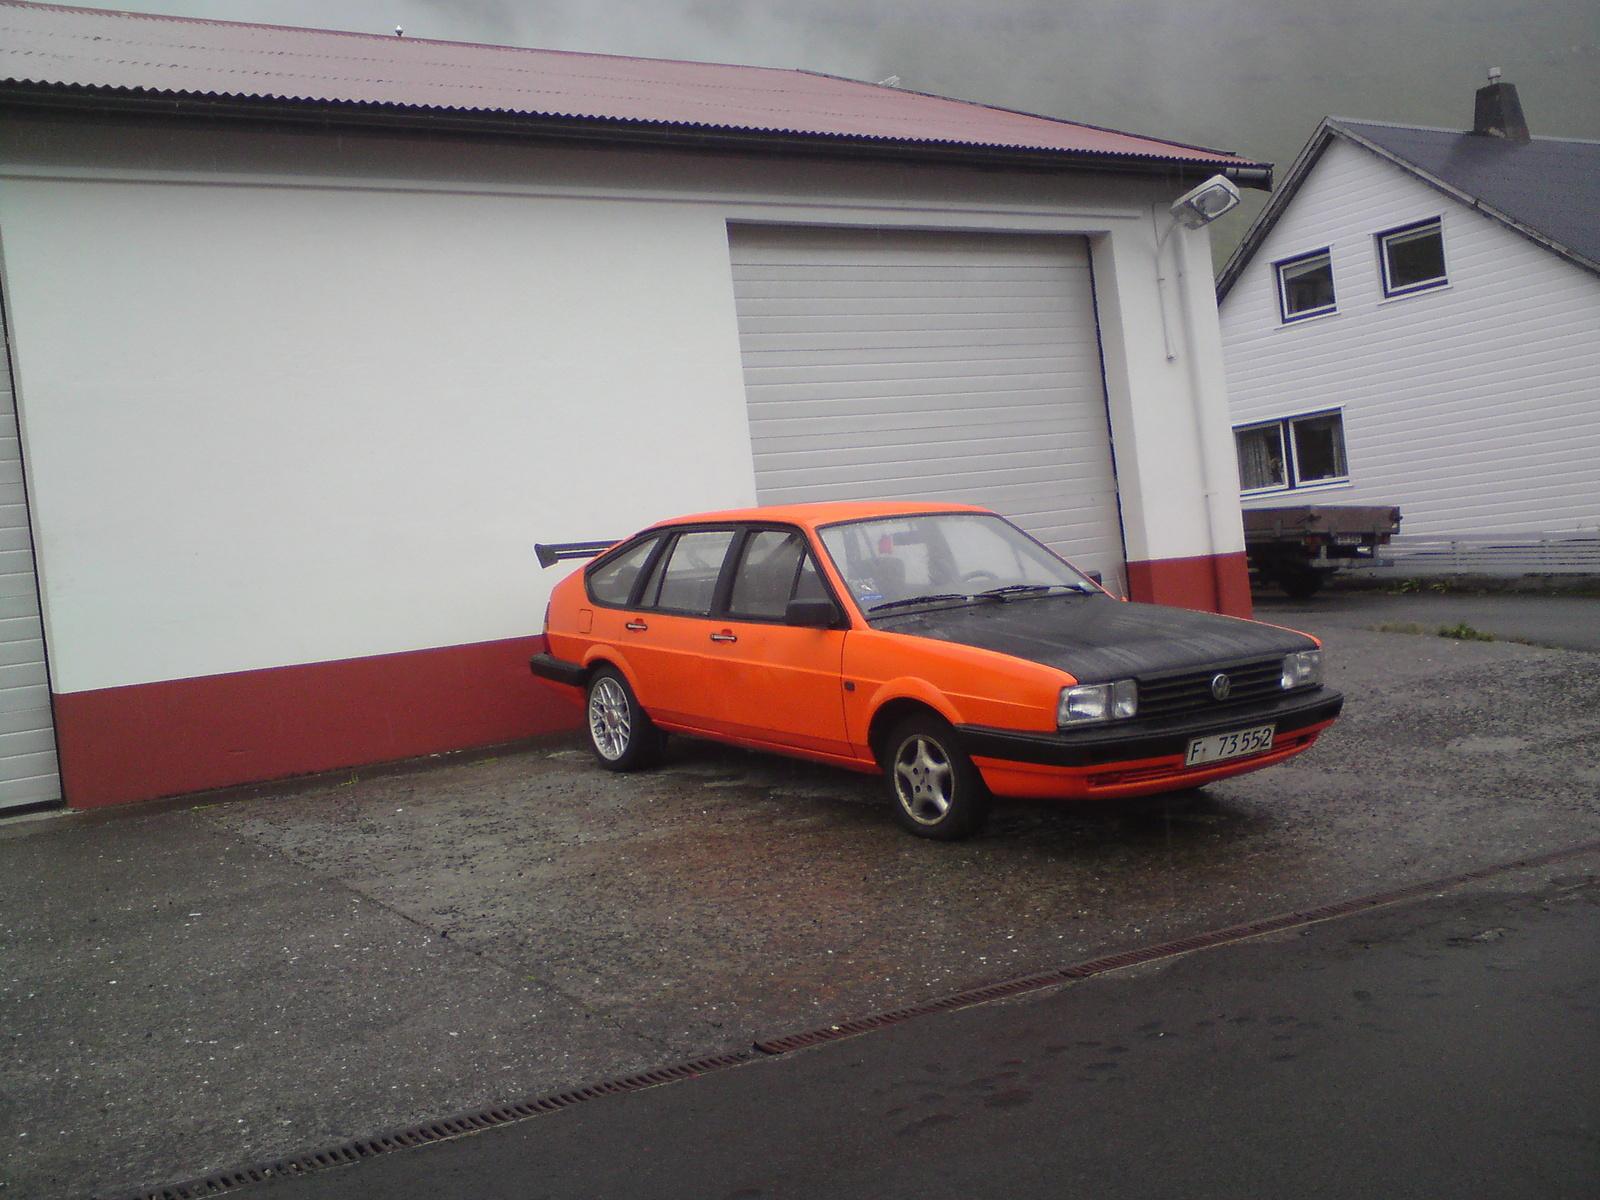 1984 Volkswagen Rabbit  Overview  CarGurus